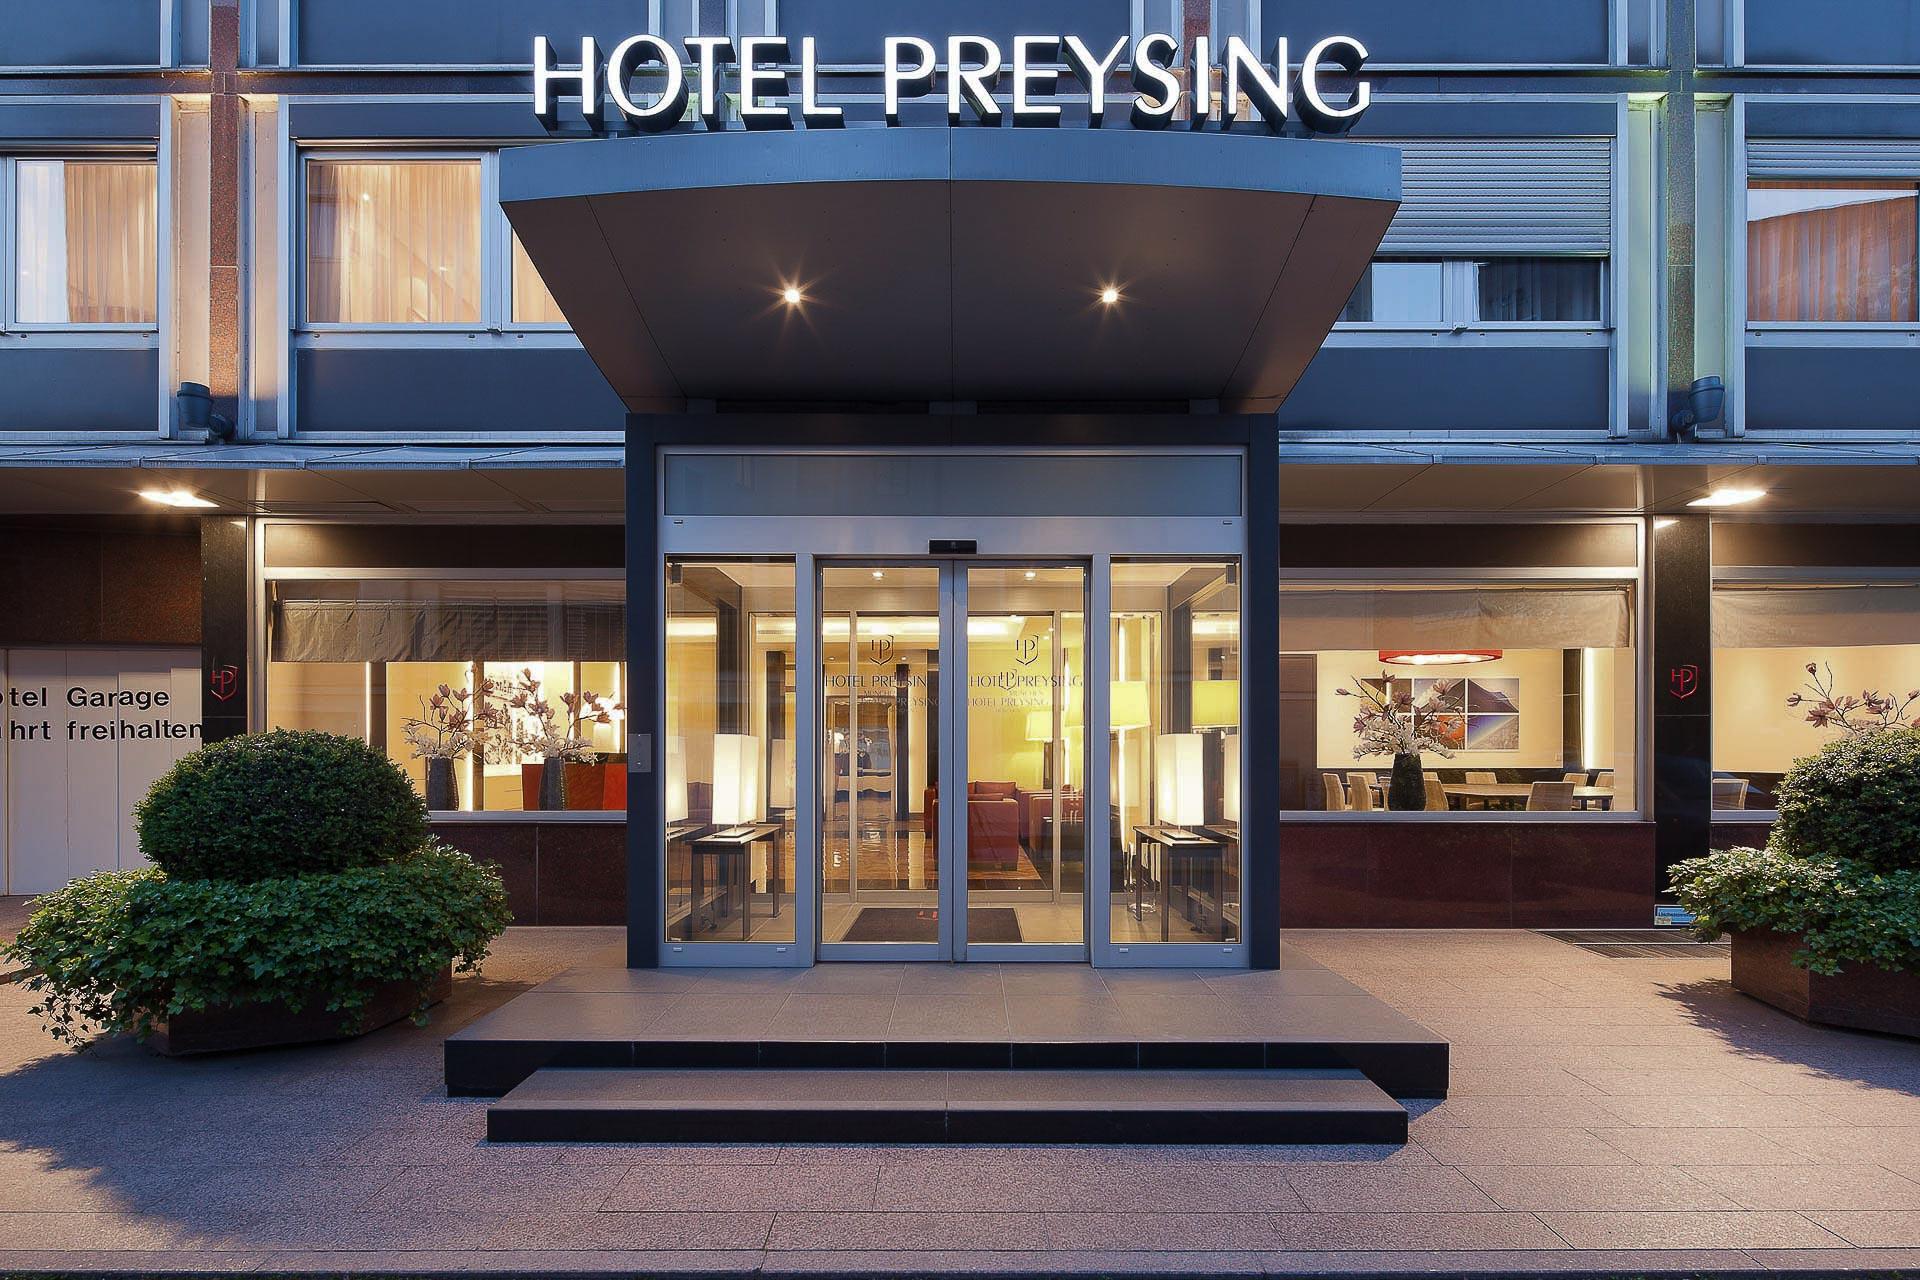 Hotelfotografie München